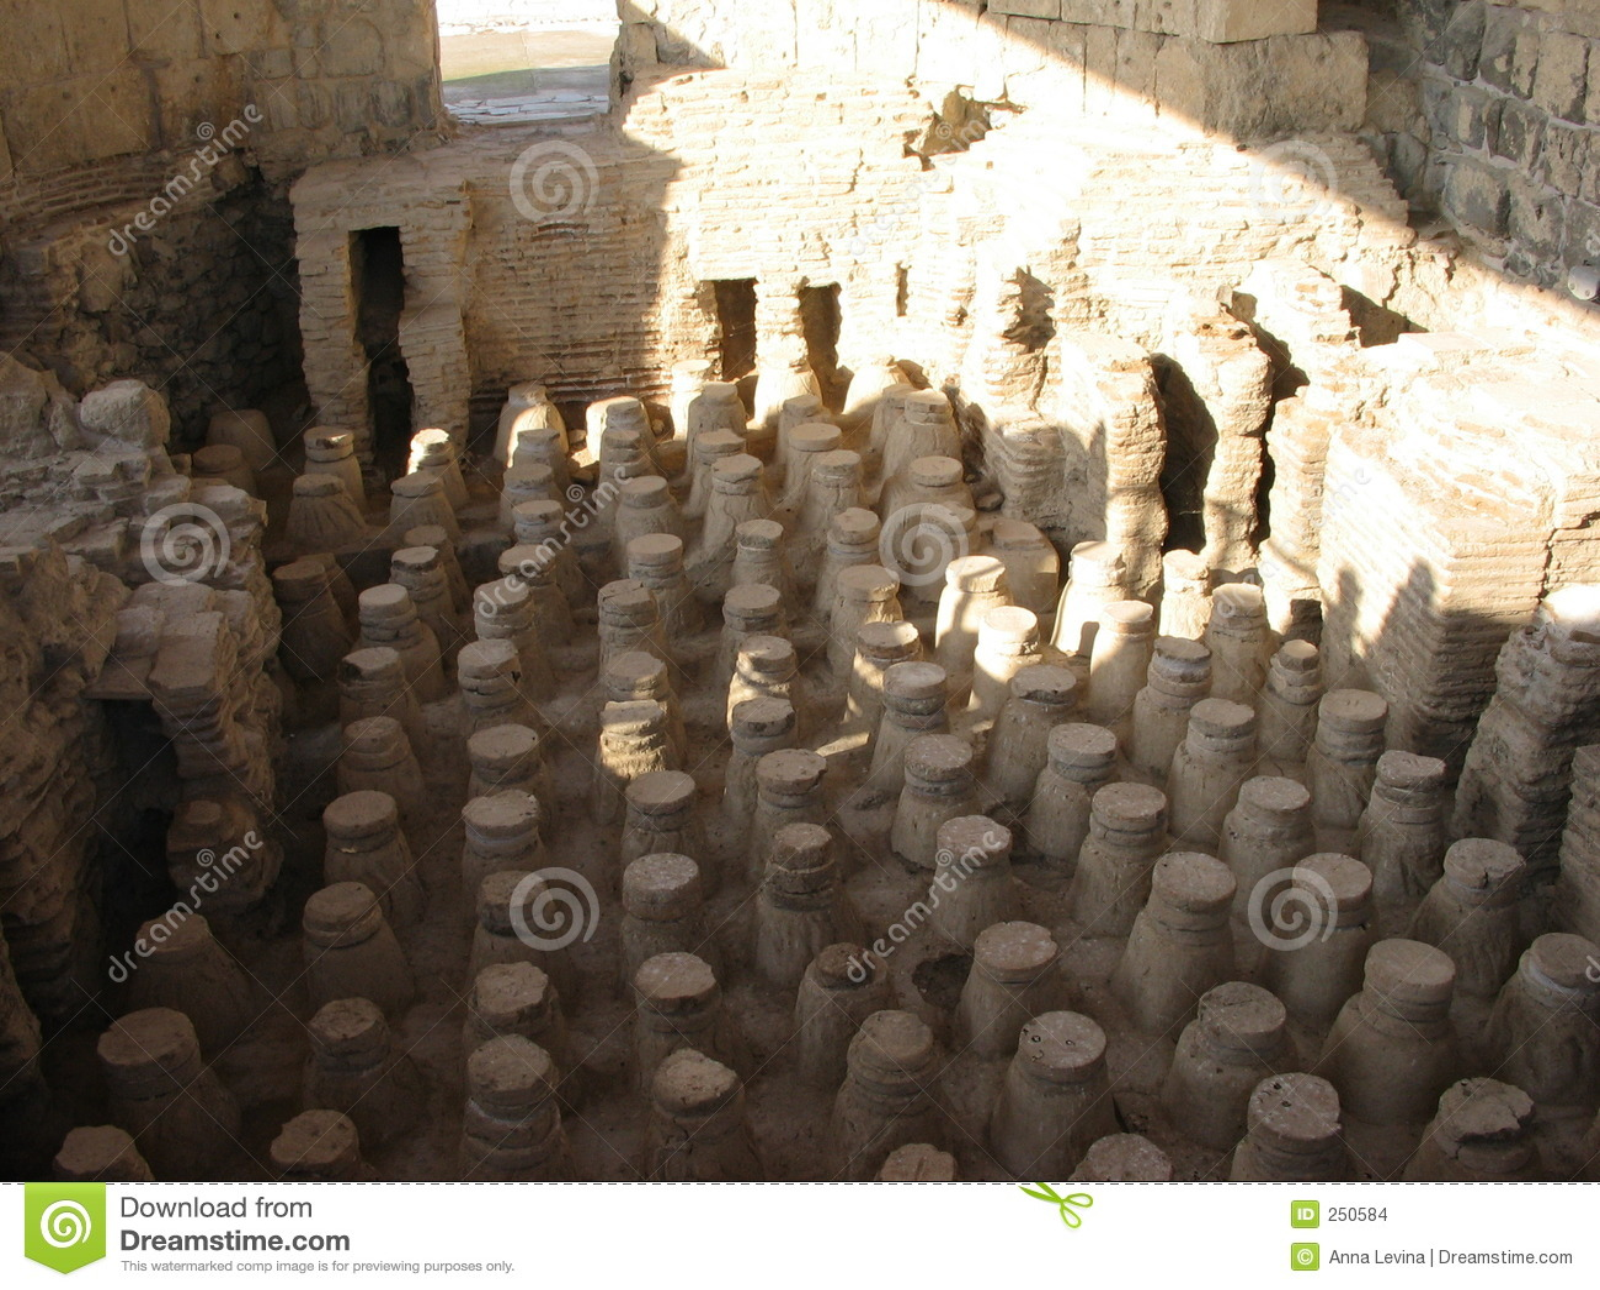 Bagni Antichi Immagini Stock - Immagine: 250584